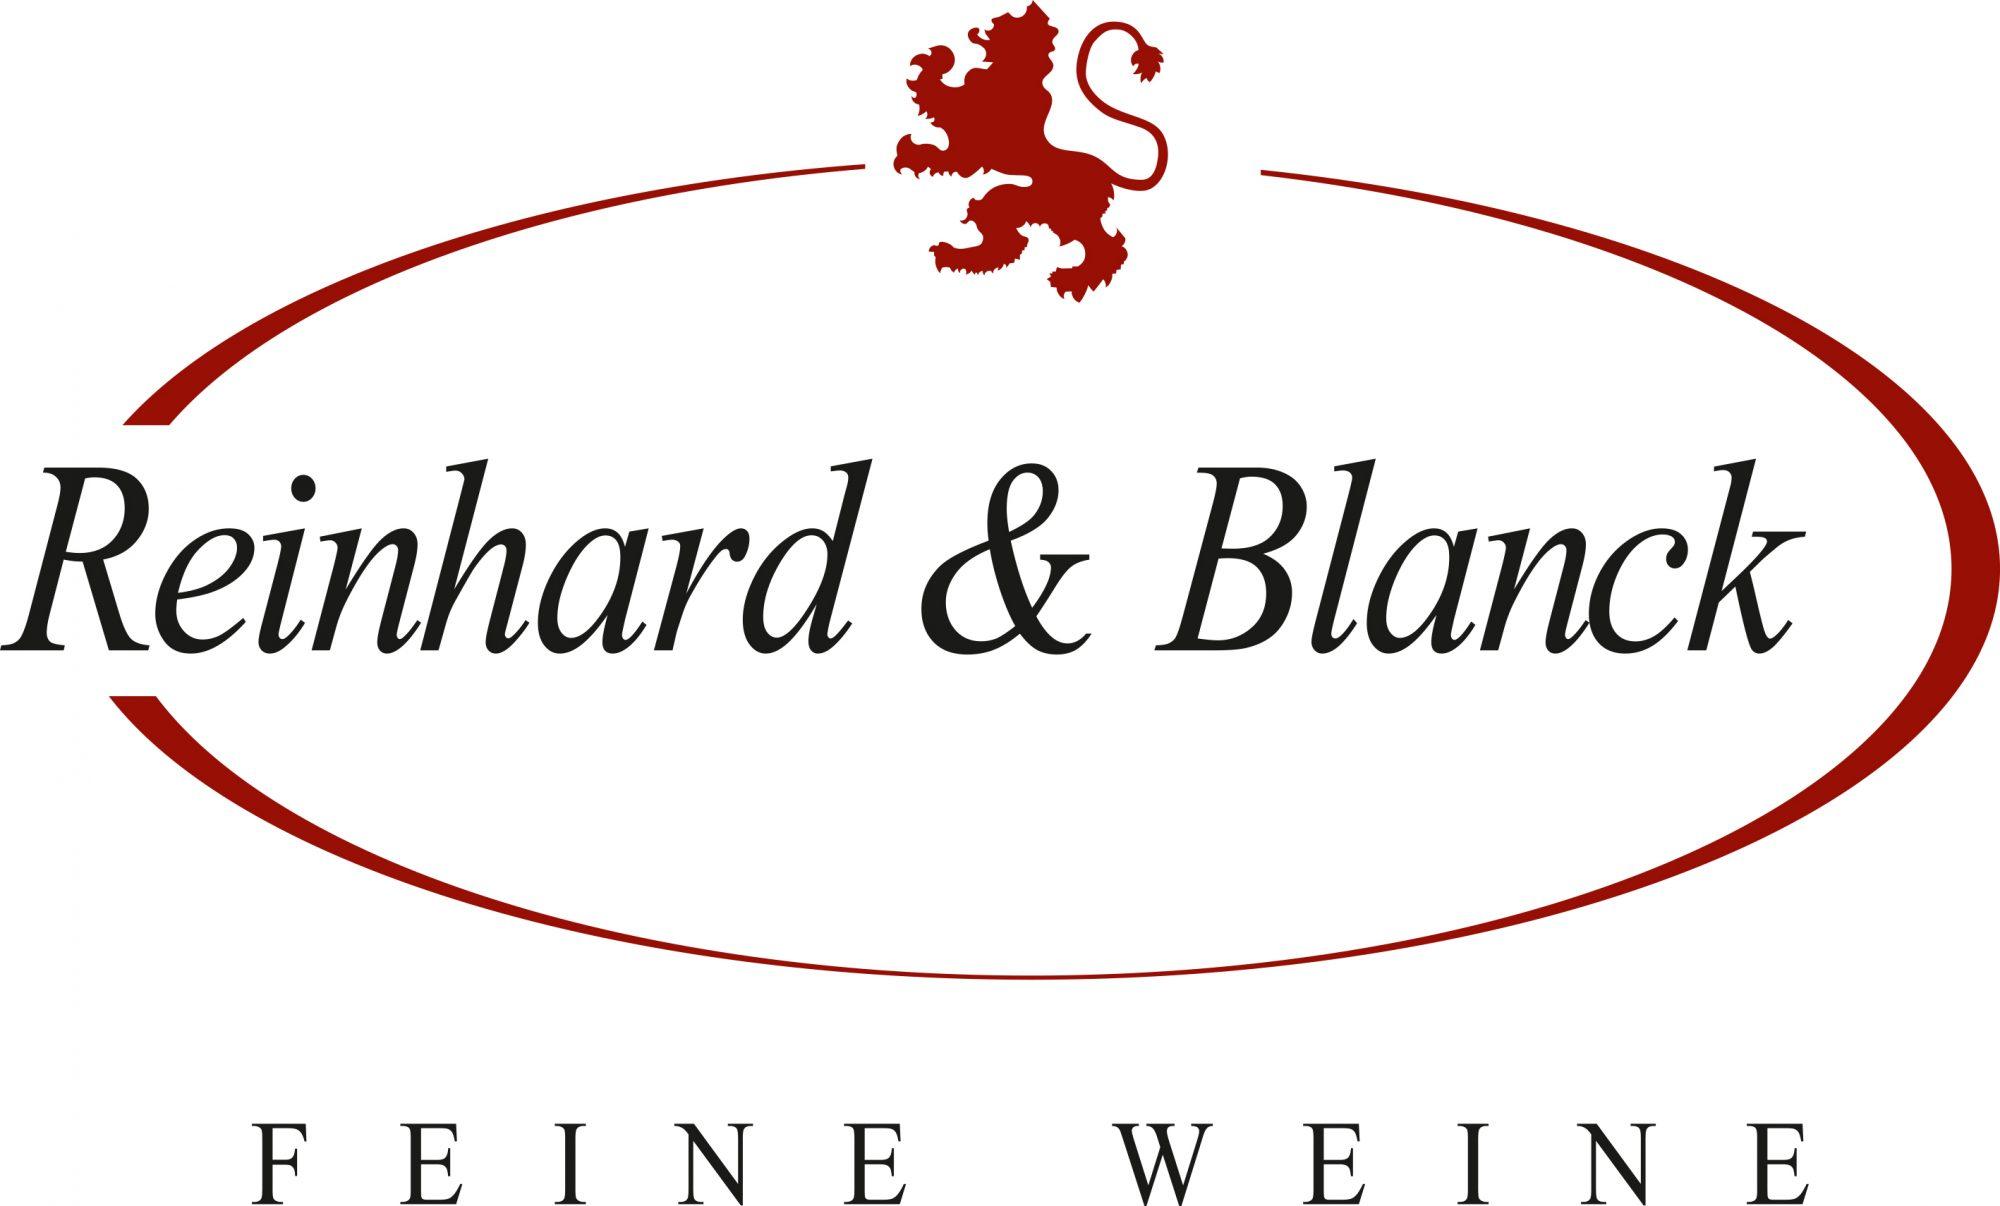 Reinhard Blanck